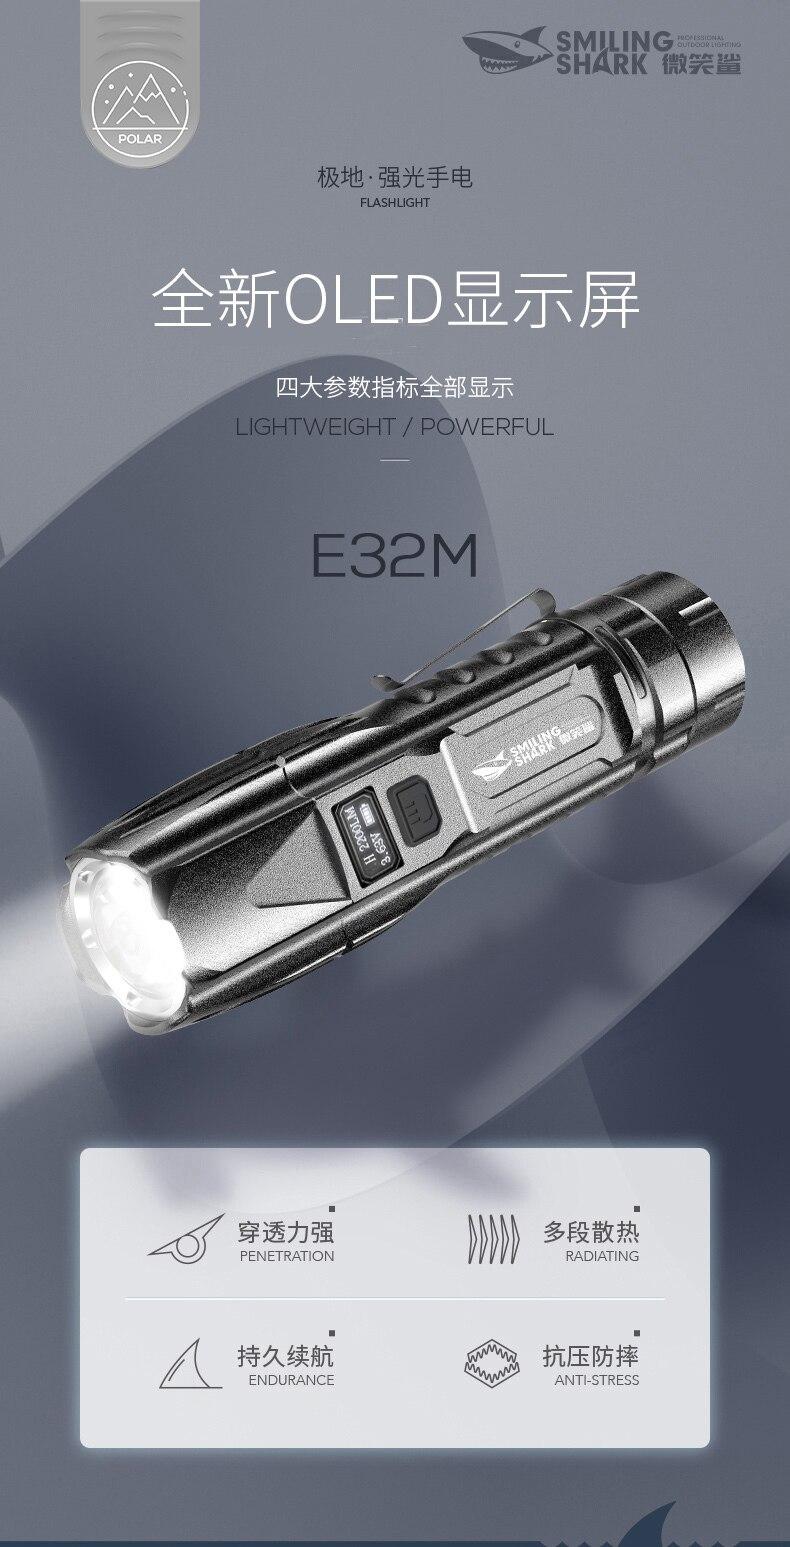 Mini lanterna de acampamento recarregável, poderosa iluminação